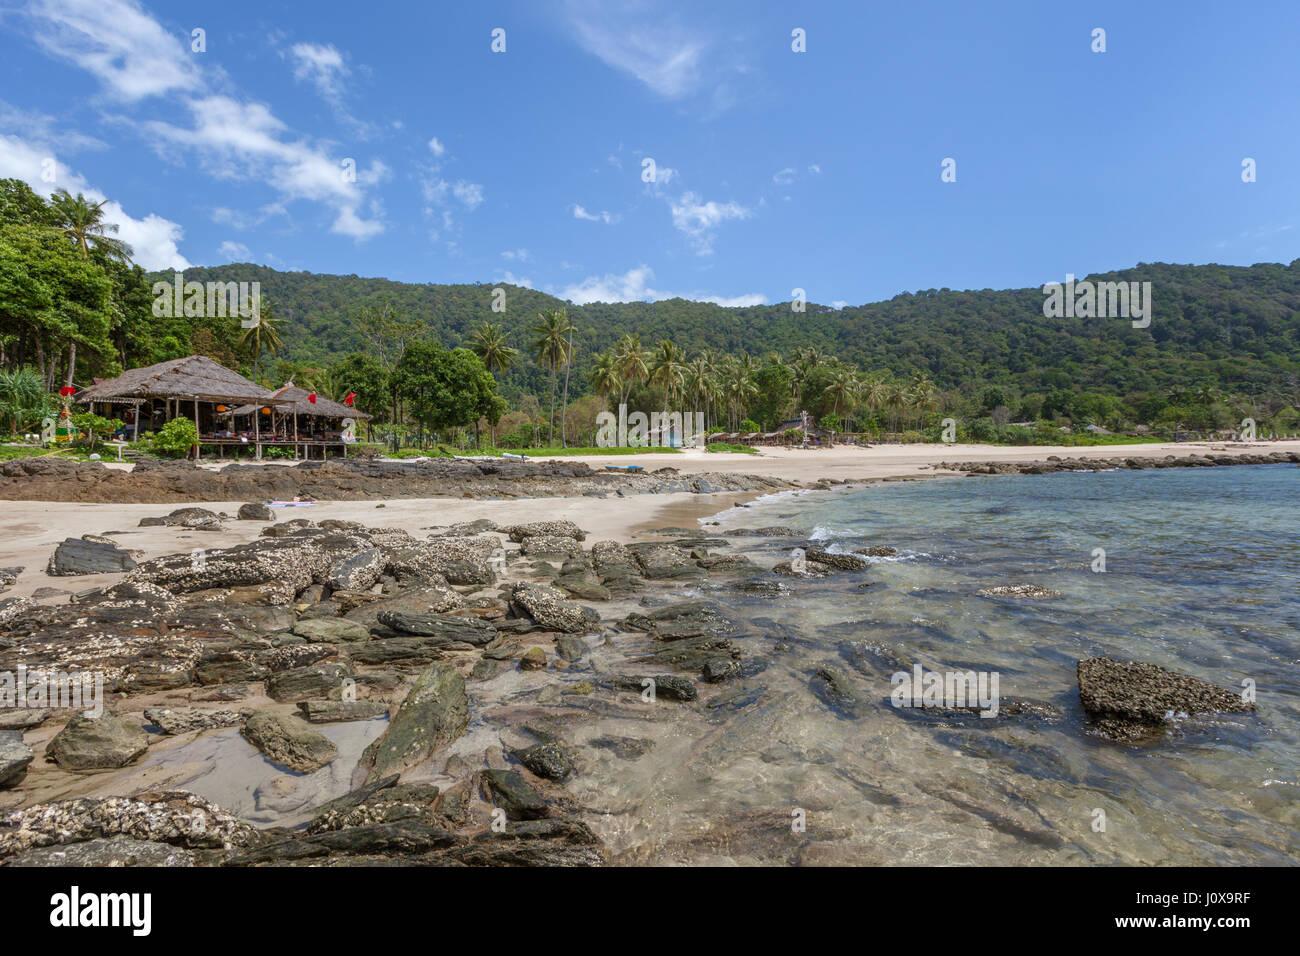 Bamboo Bay Beach à Koh Lanta Yai, province de Krabi, Thaïlande, Asie du Sud-Est Banque D'Images